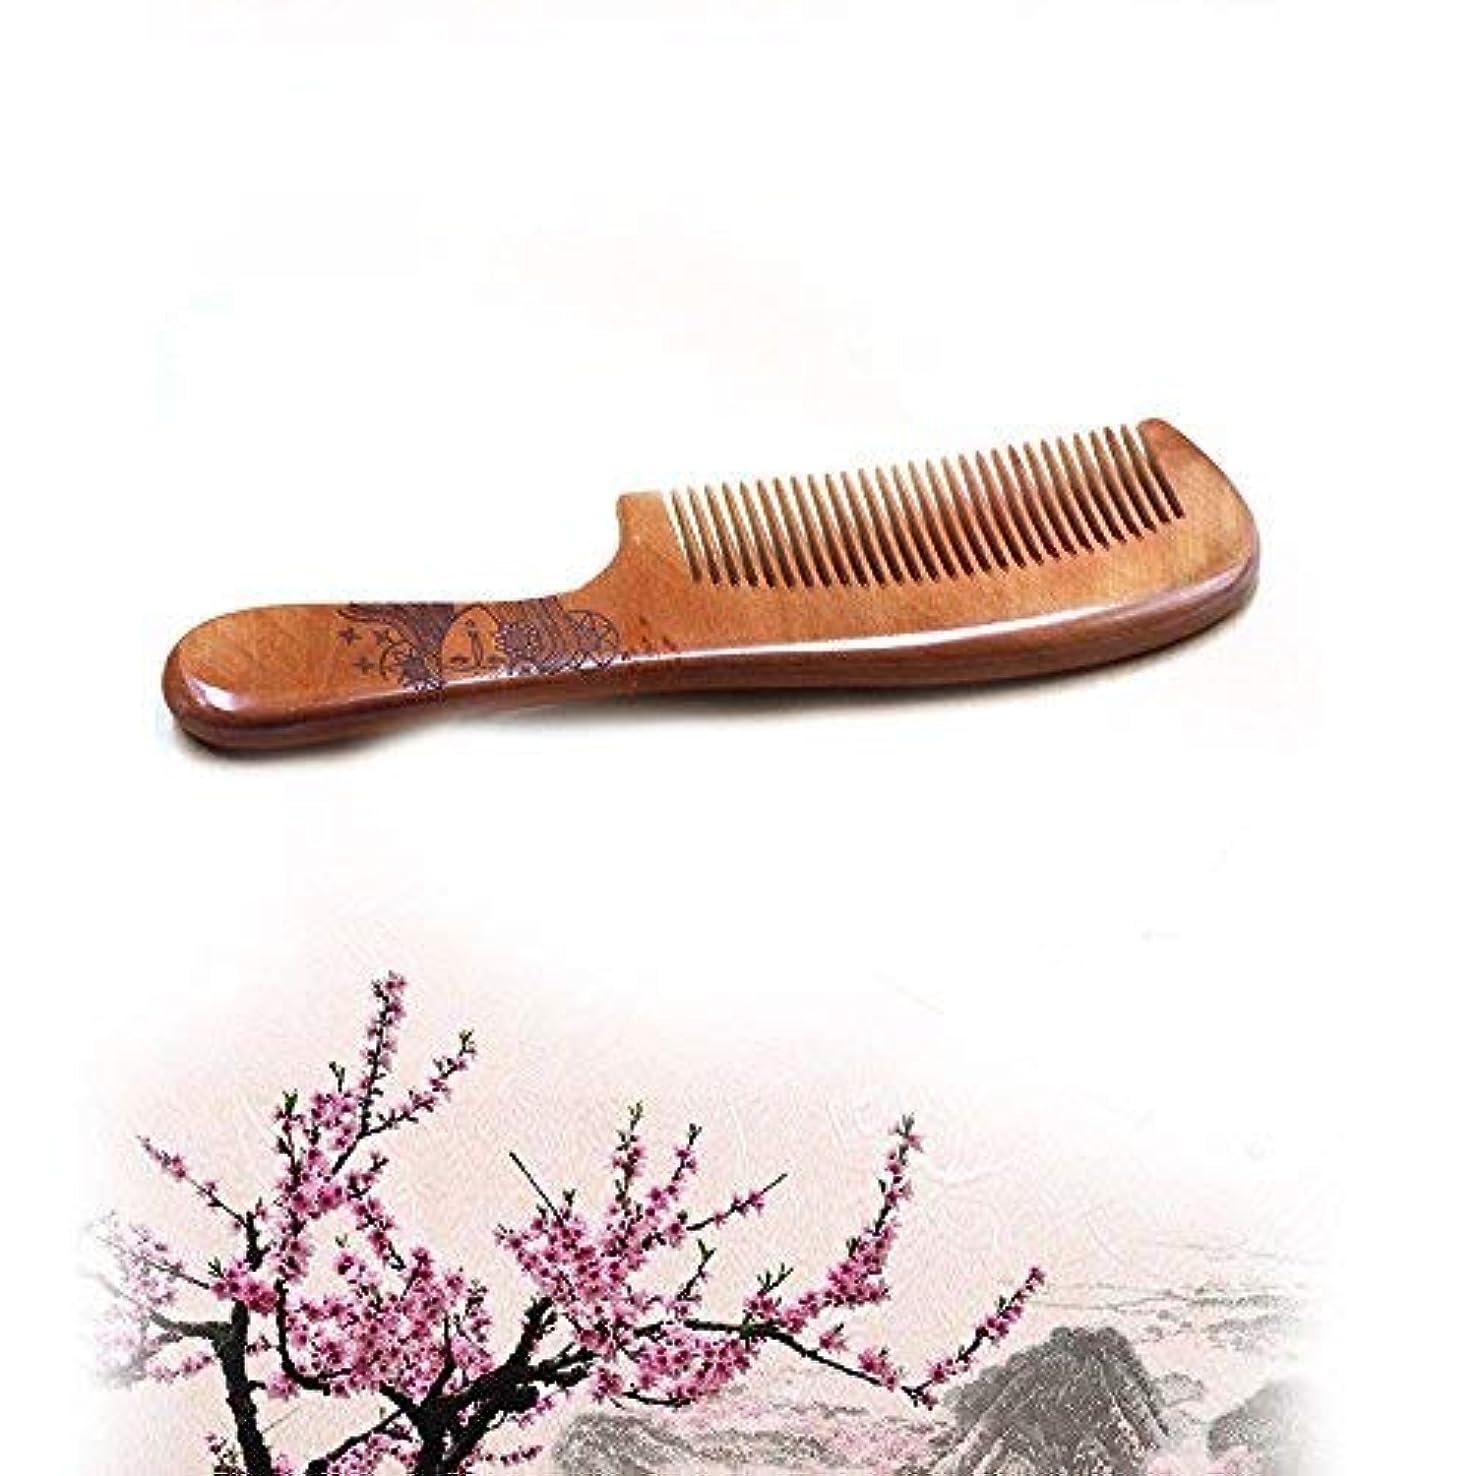 子豚曲正義Universal Natural Hair Comb,Victory Detangling Wooden Combs No Static Peach Wood for Men,Women and Kids (long)...